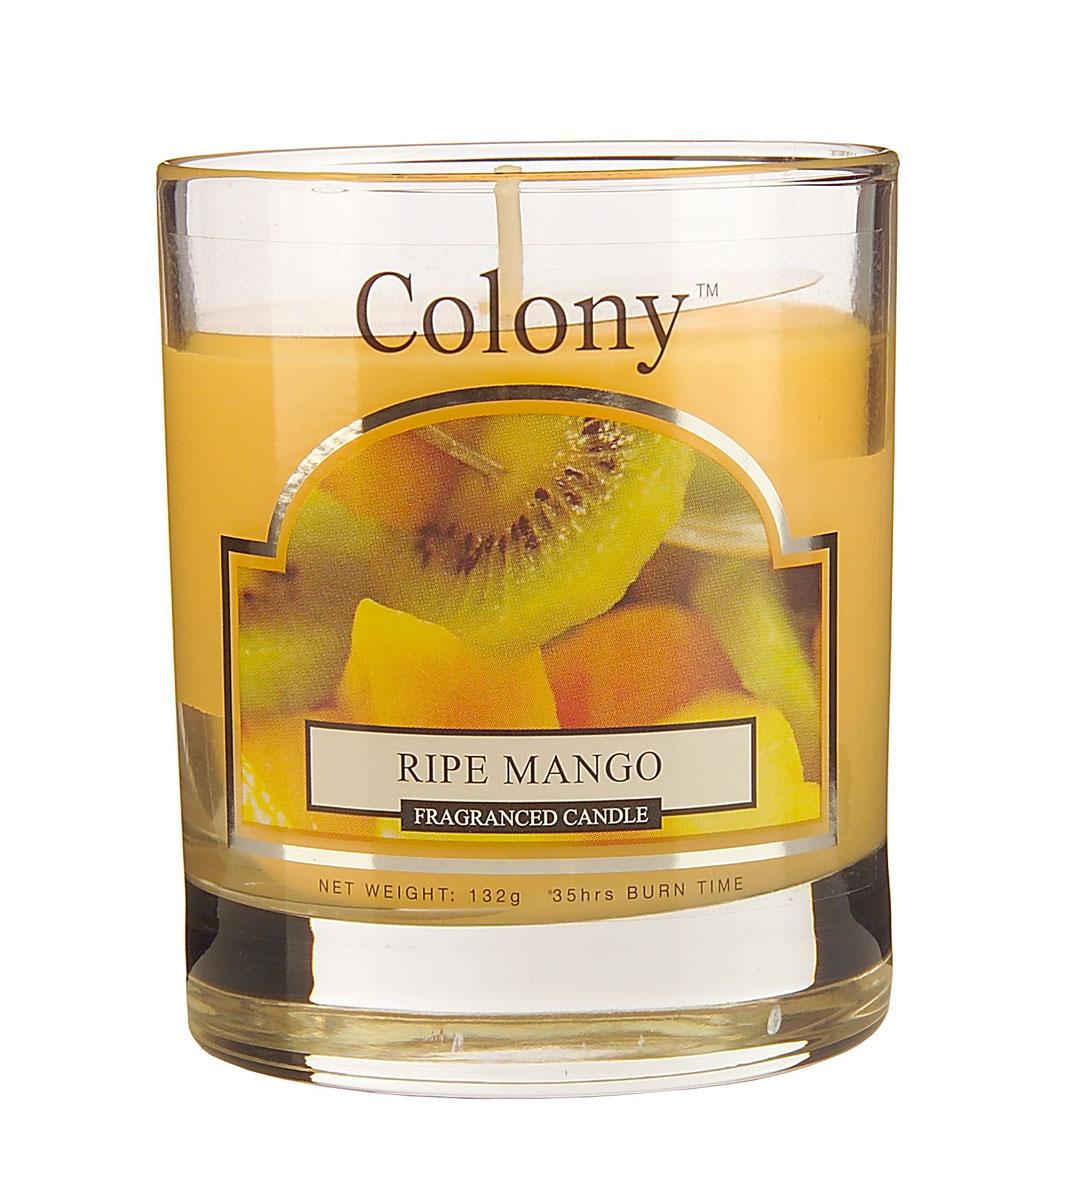 Wax Lyrical Спелый манго ароматизированная свеча в стекле малая, 35 часовUP210DFСочный фруктовый аромат спелых фруктов: экзотического манго, персиков, арбуза